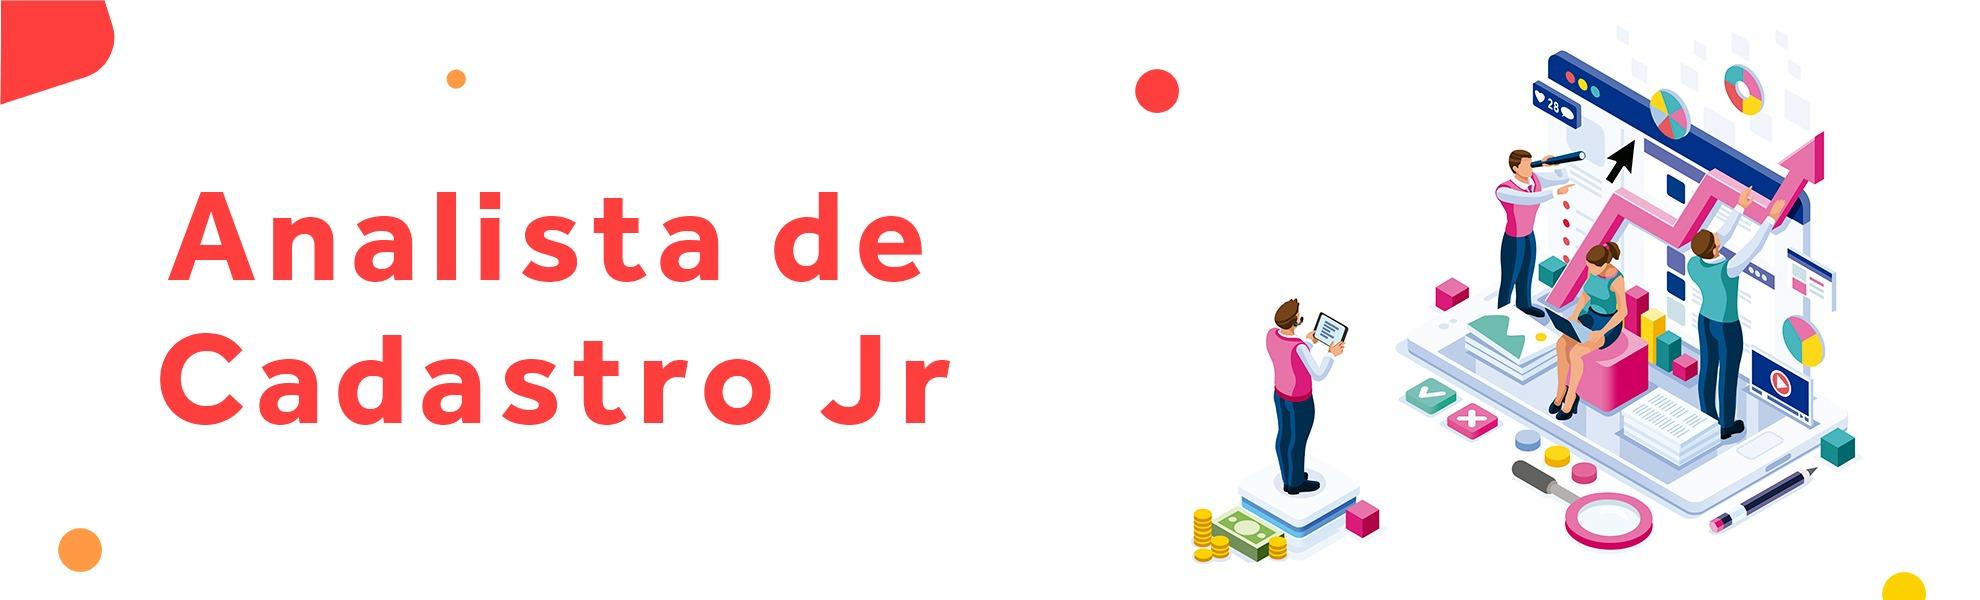 Analista de Cadastro JR